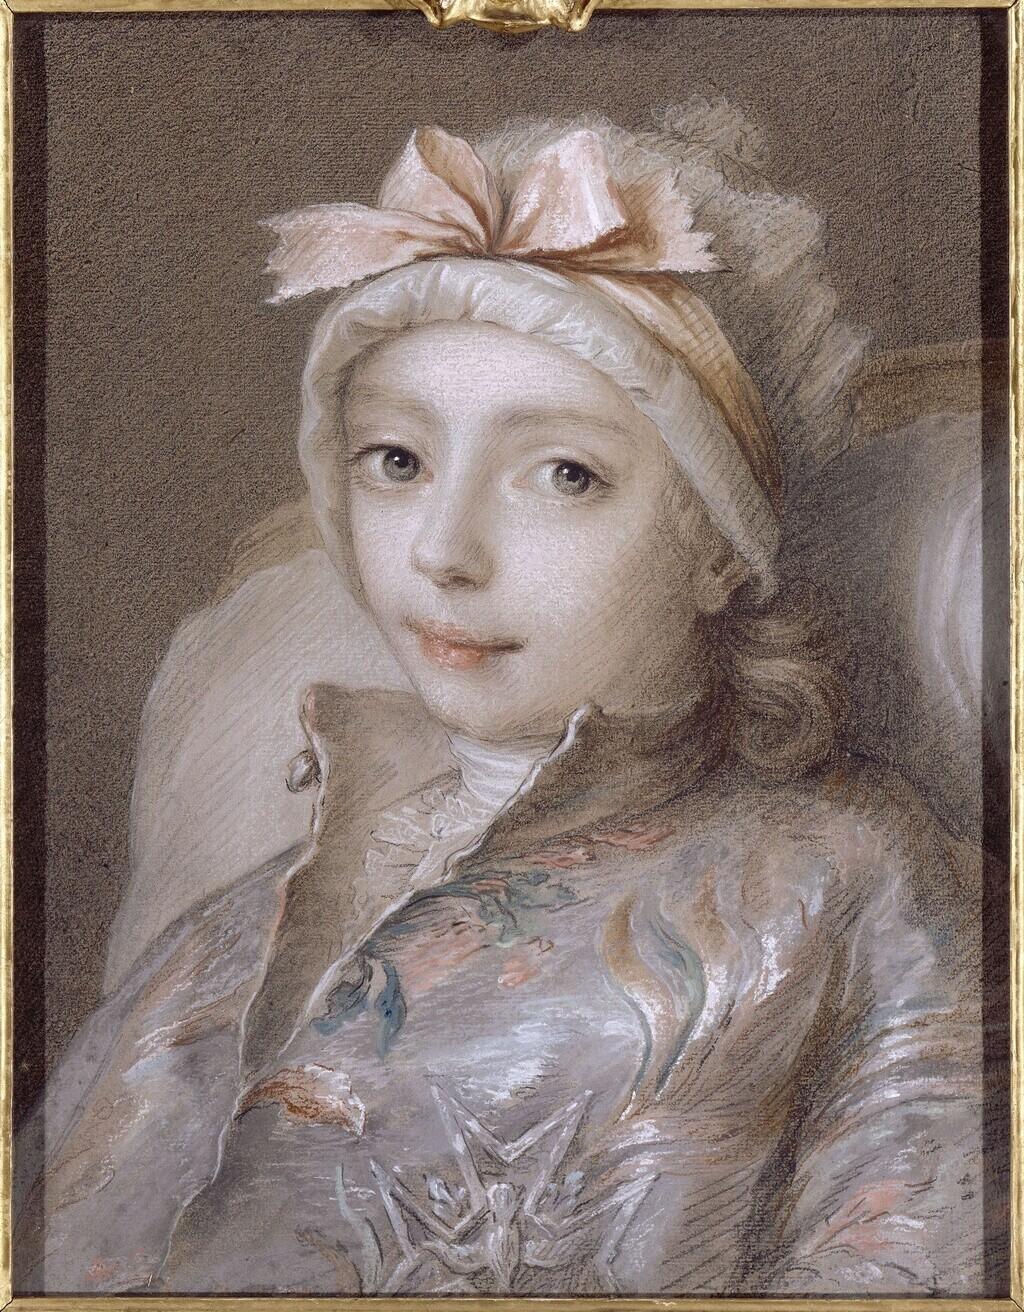 fredou - Portraits de Marie-Antoinette et de la famille royale, par Jean-Martial Frédou Imagep53